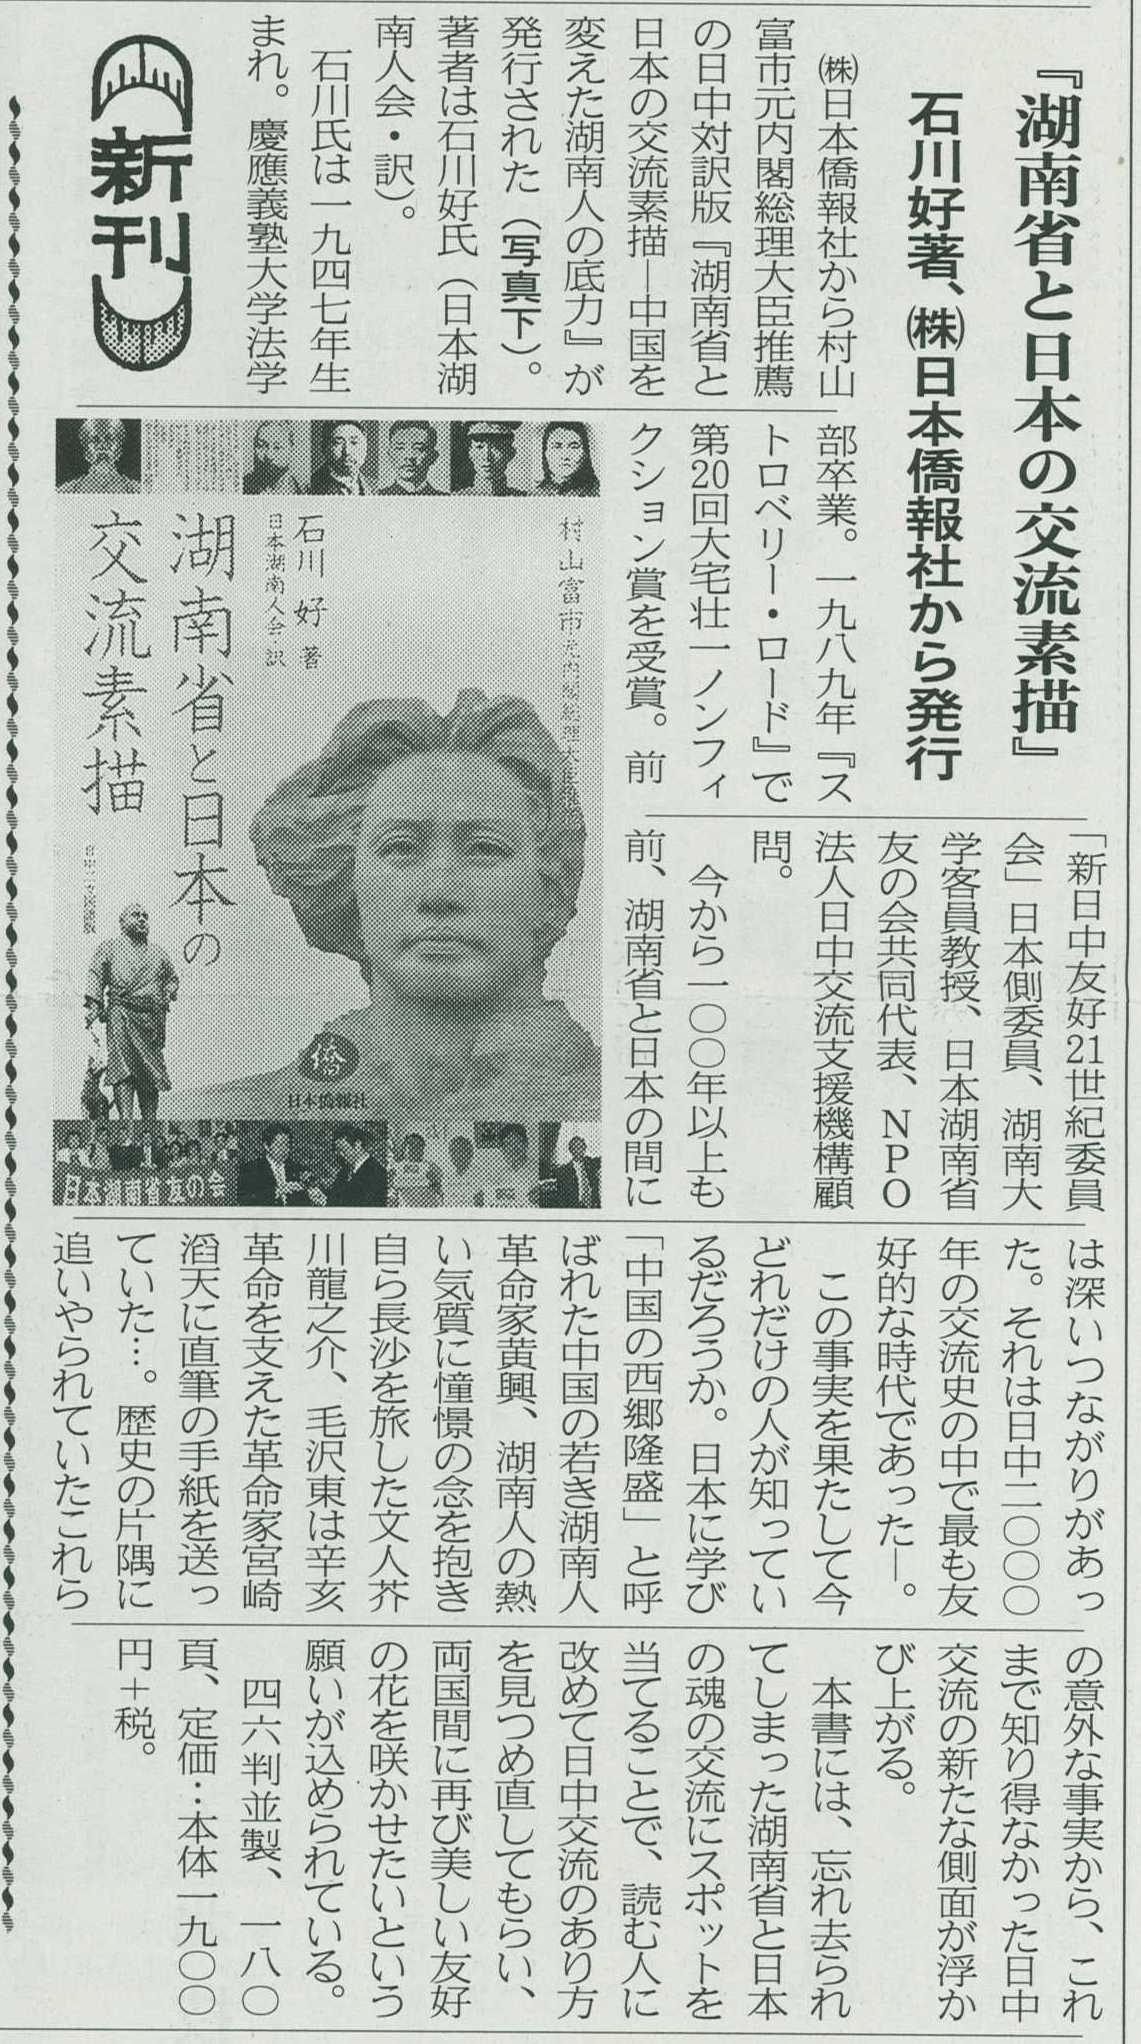 華僑報新年号 『湖南省と日本の交流素描』を大きく紹介_d0027795_12112924.jpg